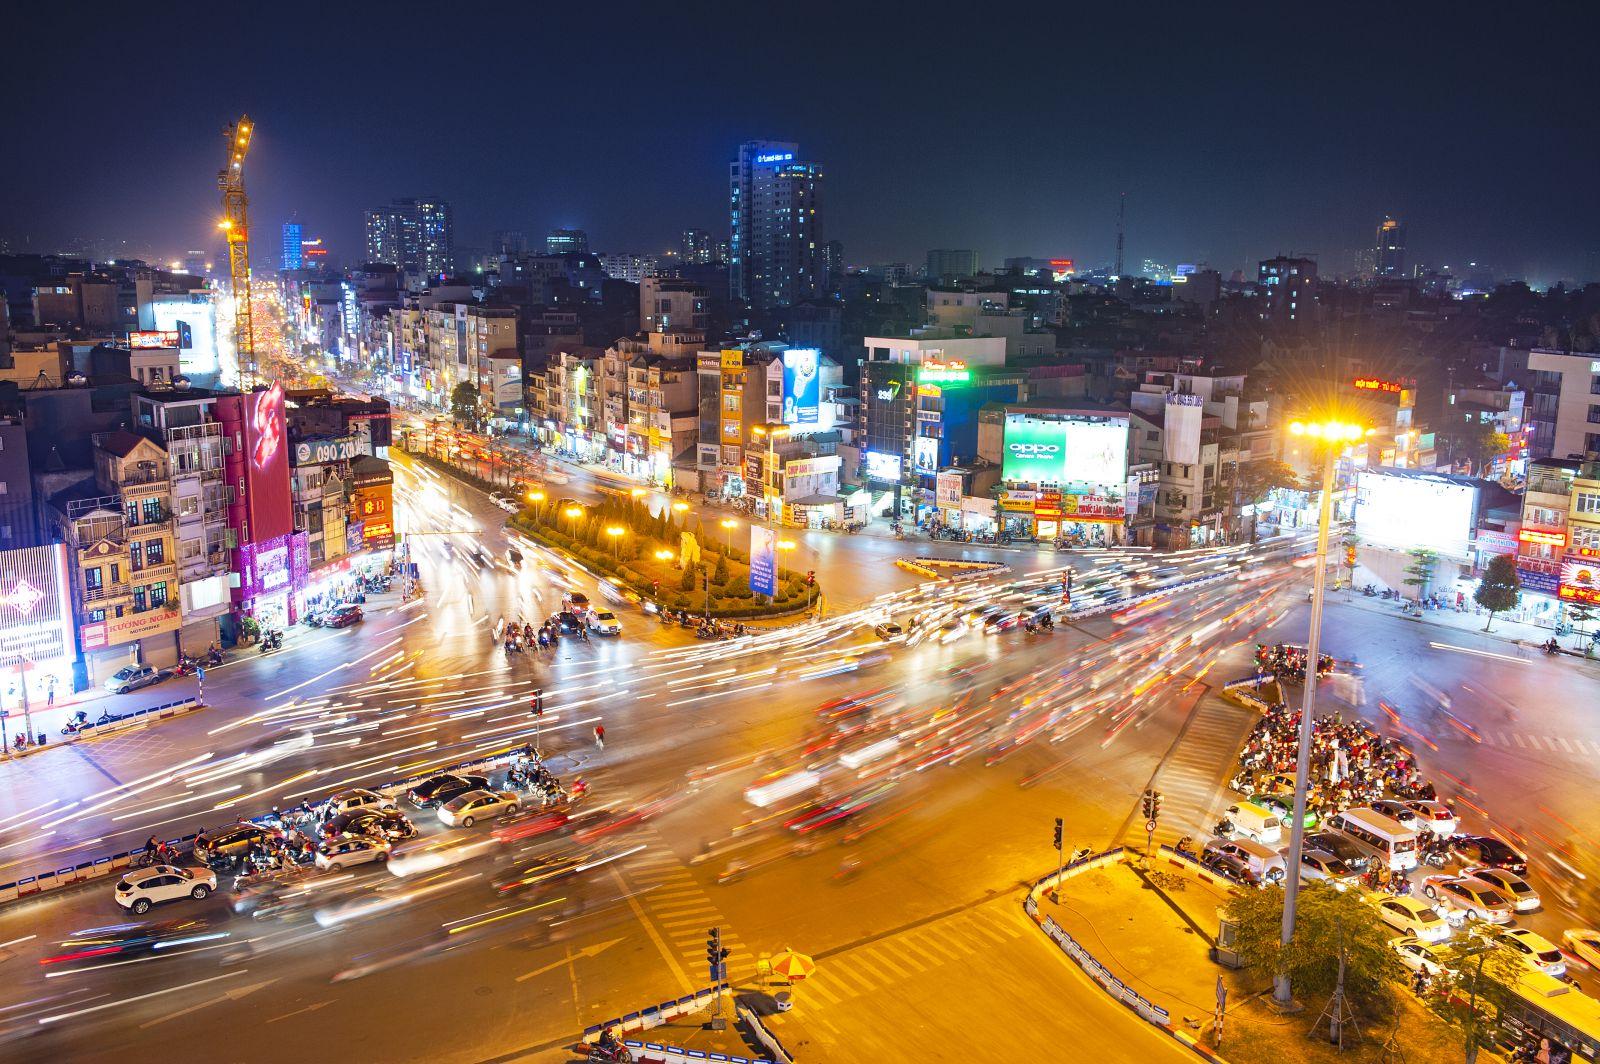 Dòng xe xuôi ngược cũng góp phần tạo nên luồng sáng kỳ ảo cho những con đường. Trên hình là ngã 4 Xã Đàn - Tây Sơn